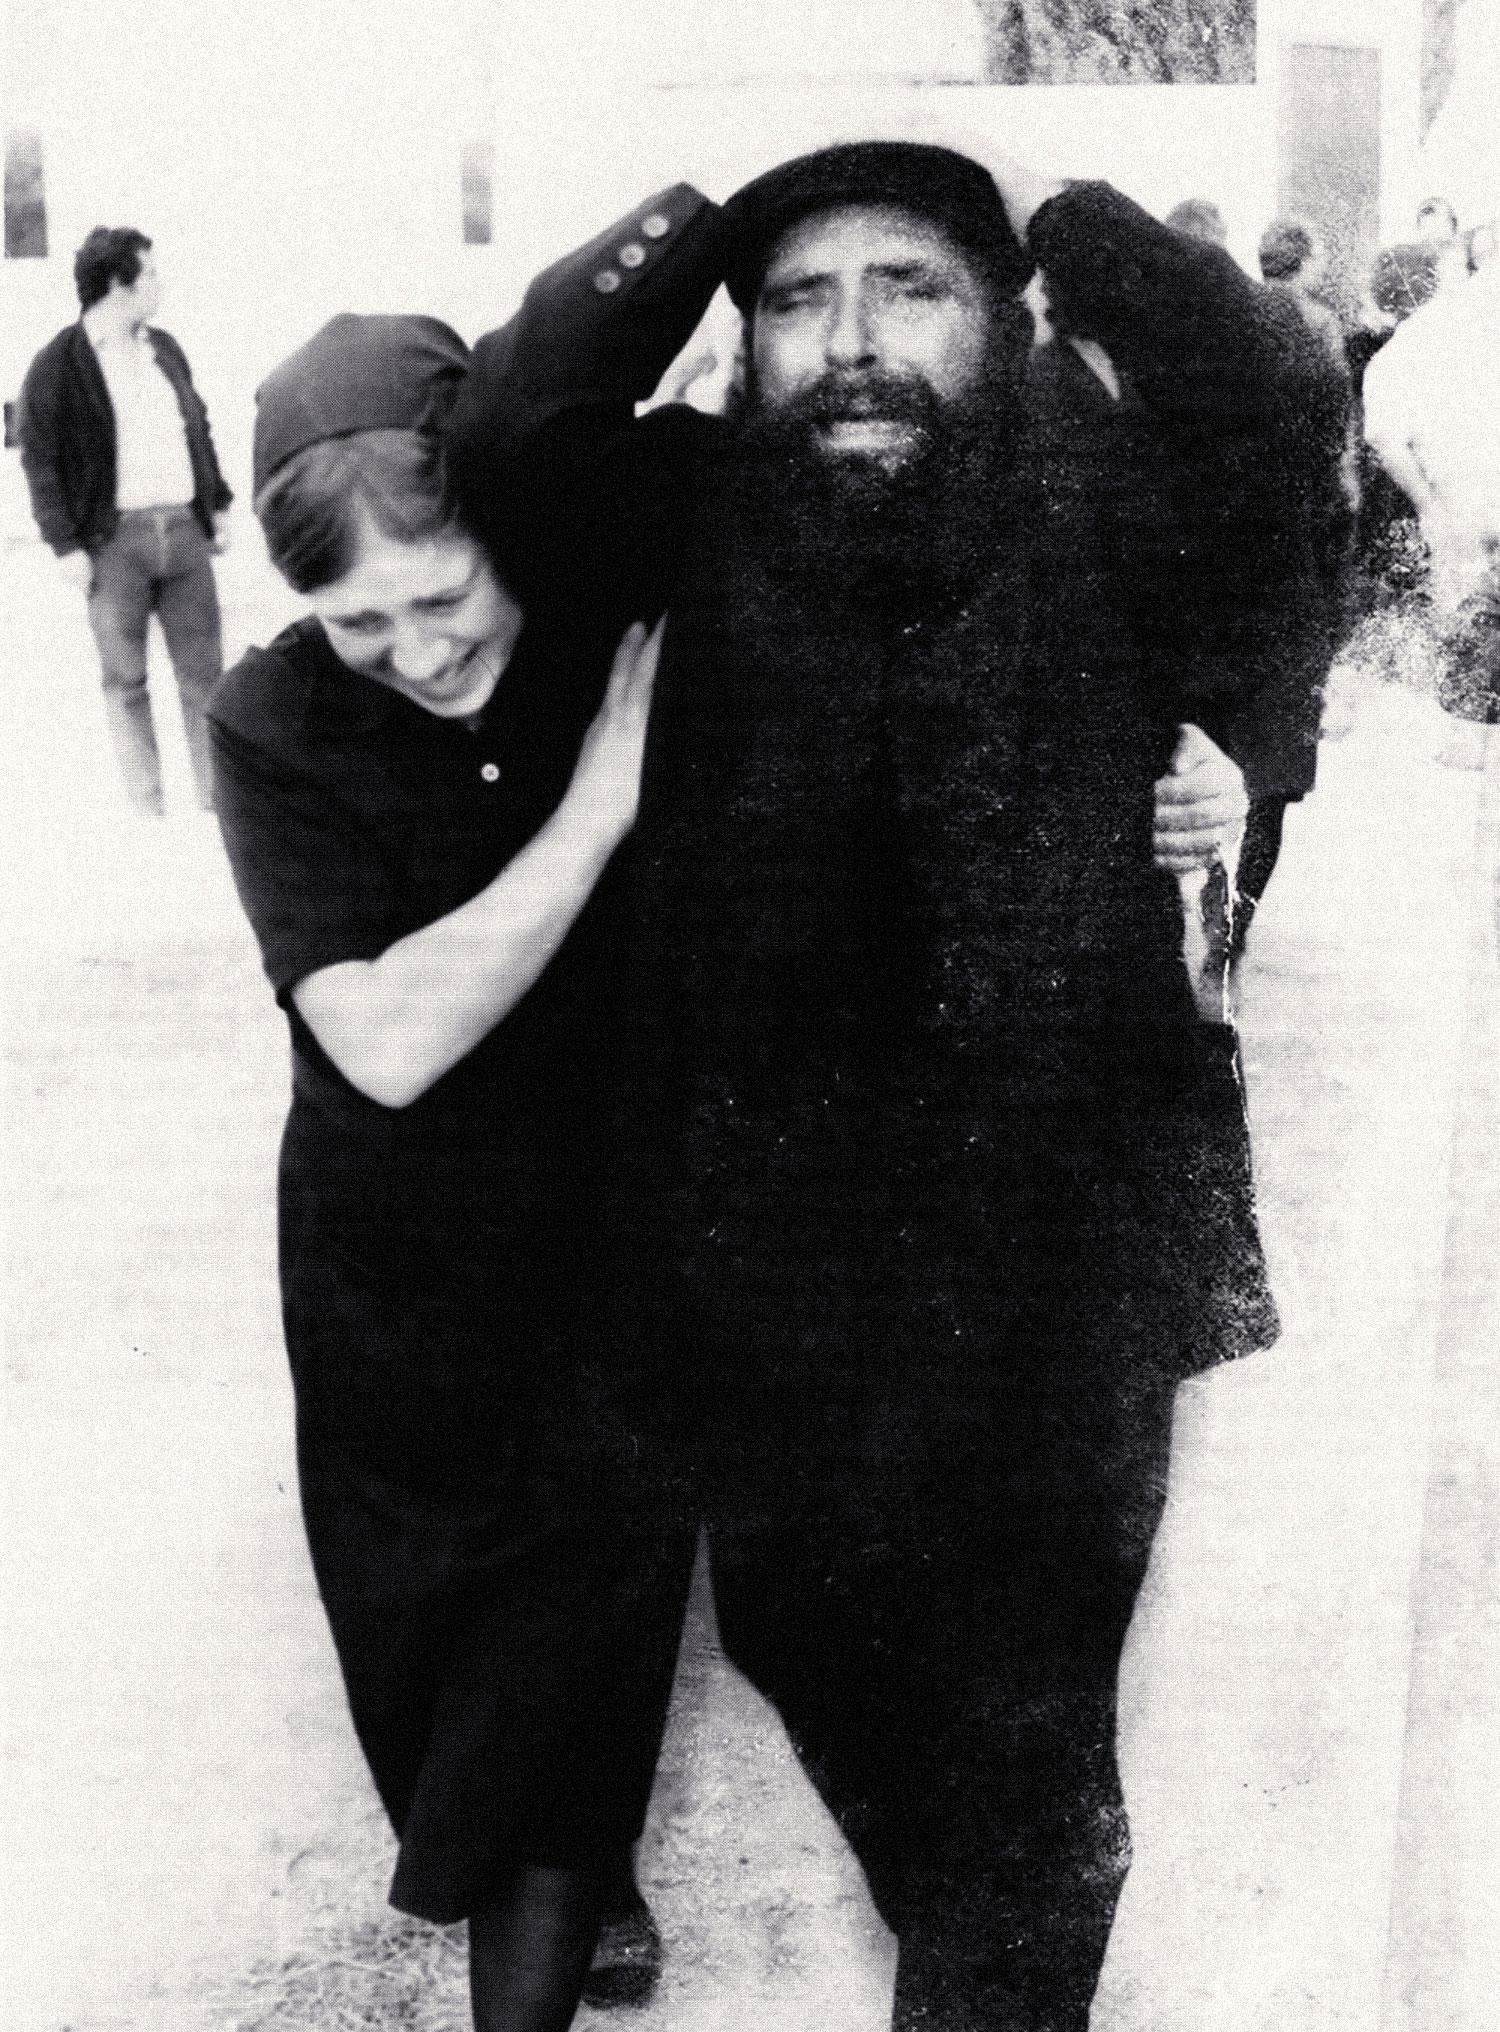 Maria Luísa e José Casquinha, pais de Casquinha, após o assassinato do filho (s/a, CMMN, 1979)